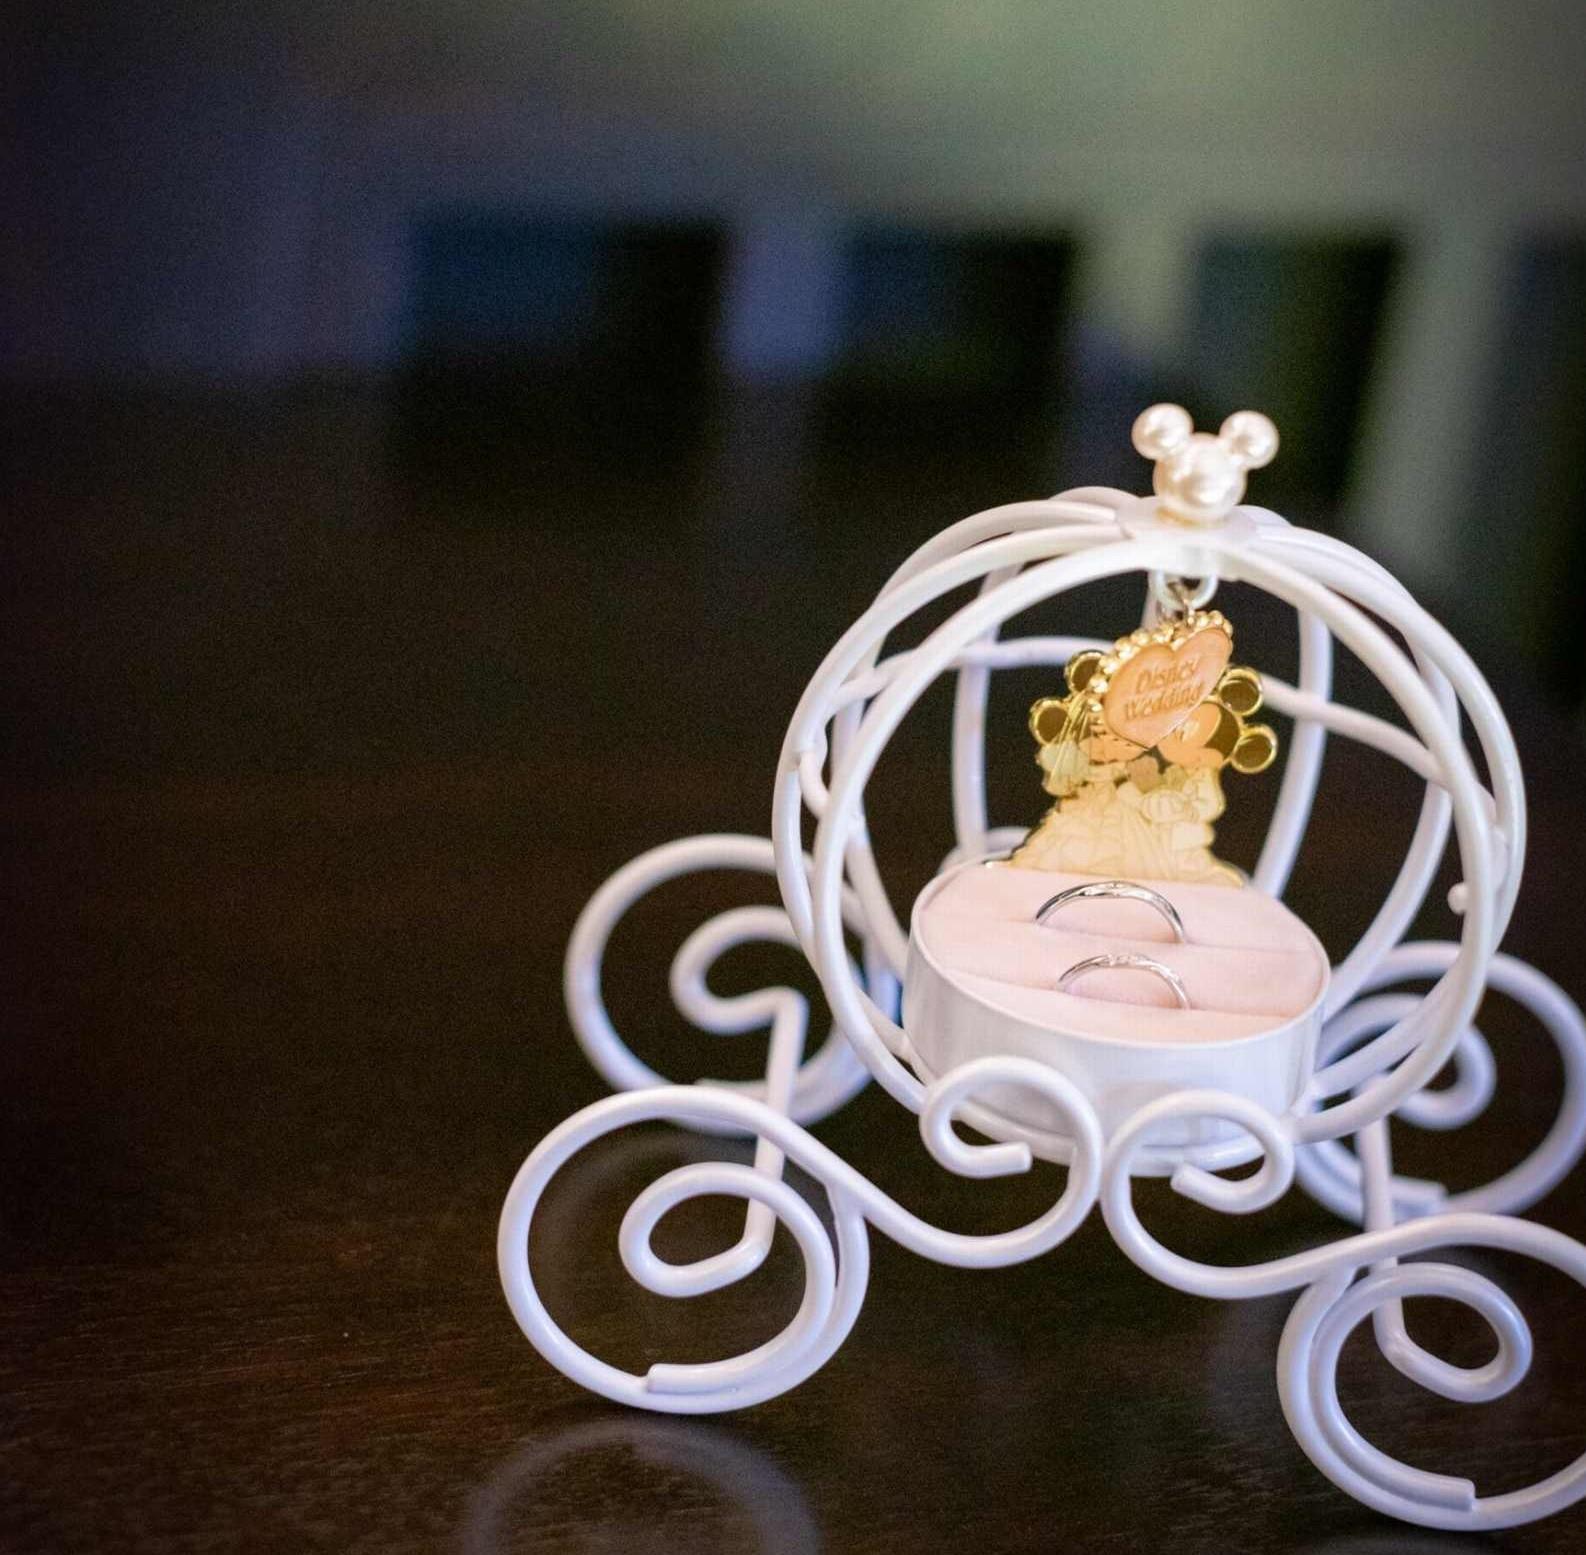 香川県の結婚式場のシェルエメール&アイスタイルのリングピロー